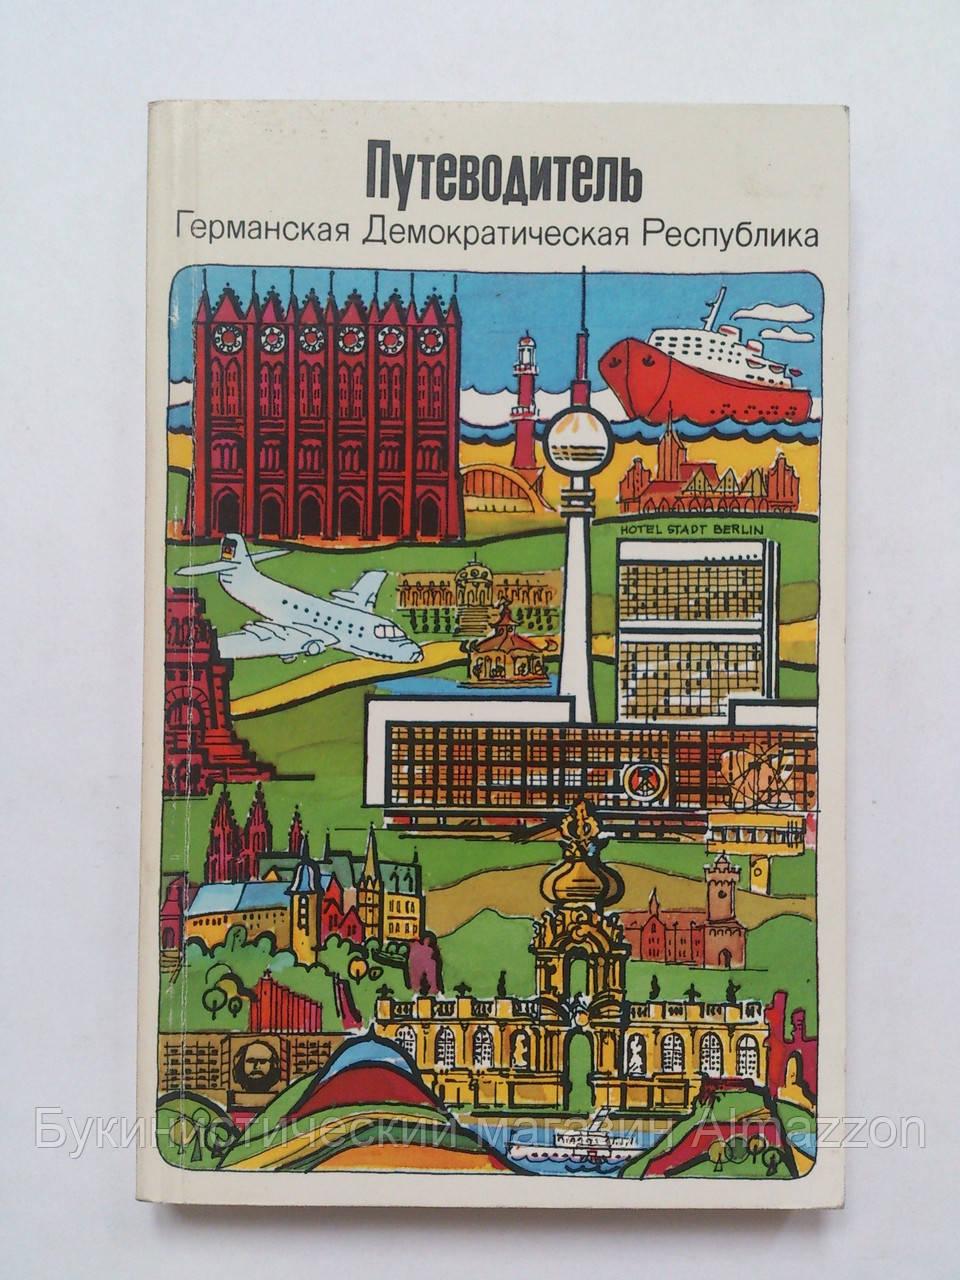 Германская Демократическая республика:Путеводитель. 1979 год